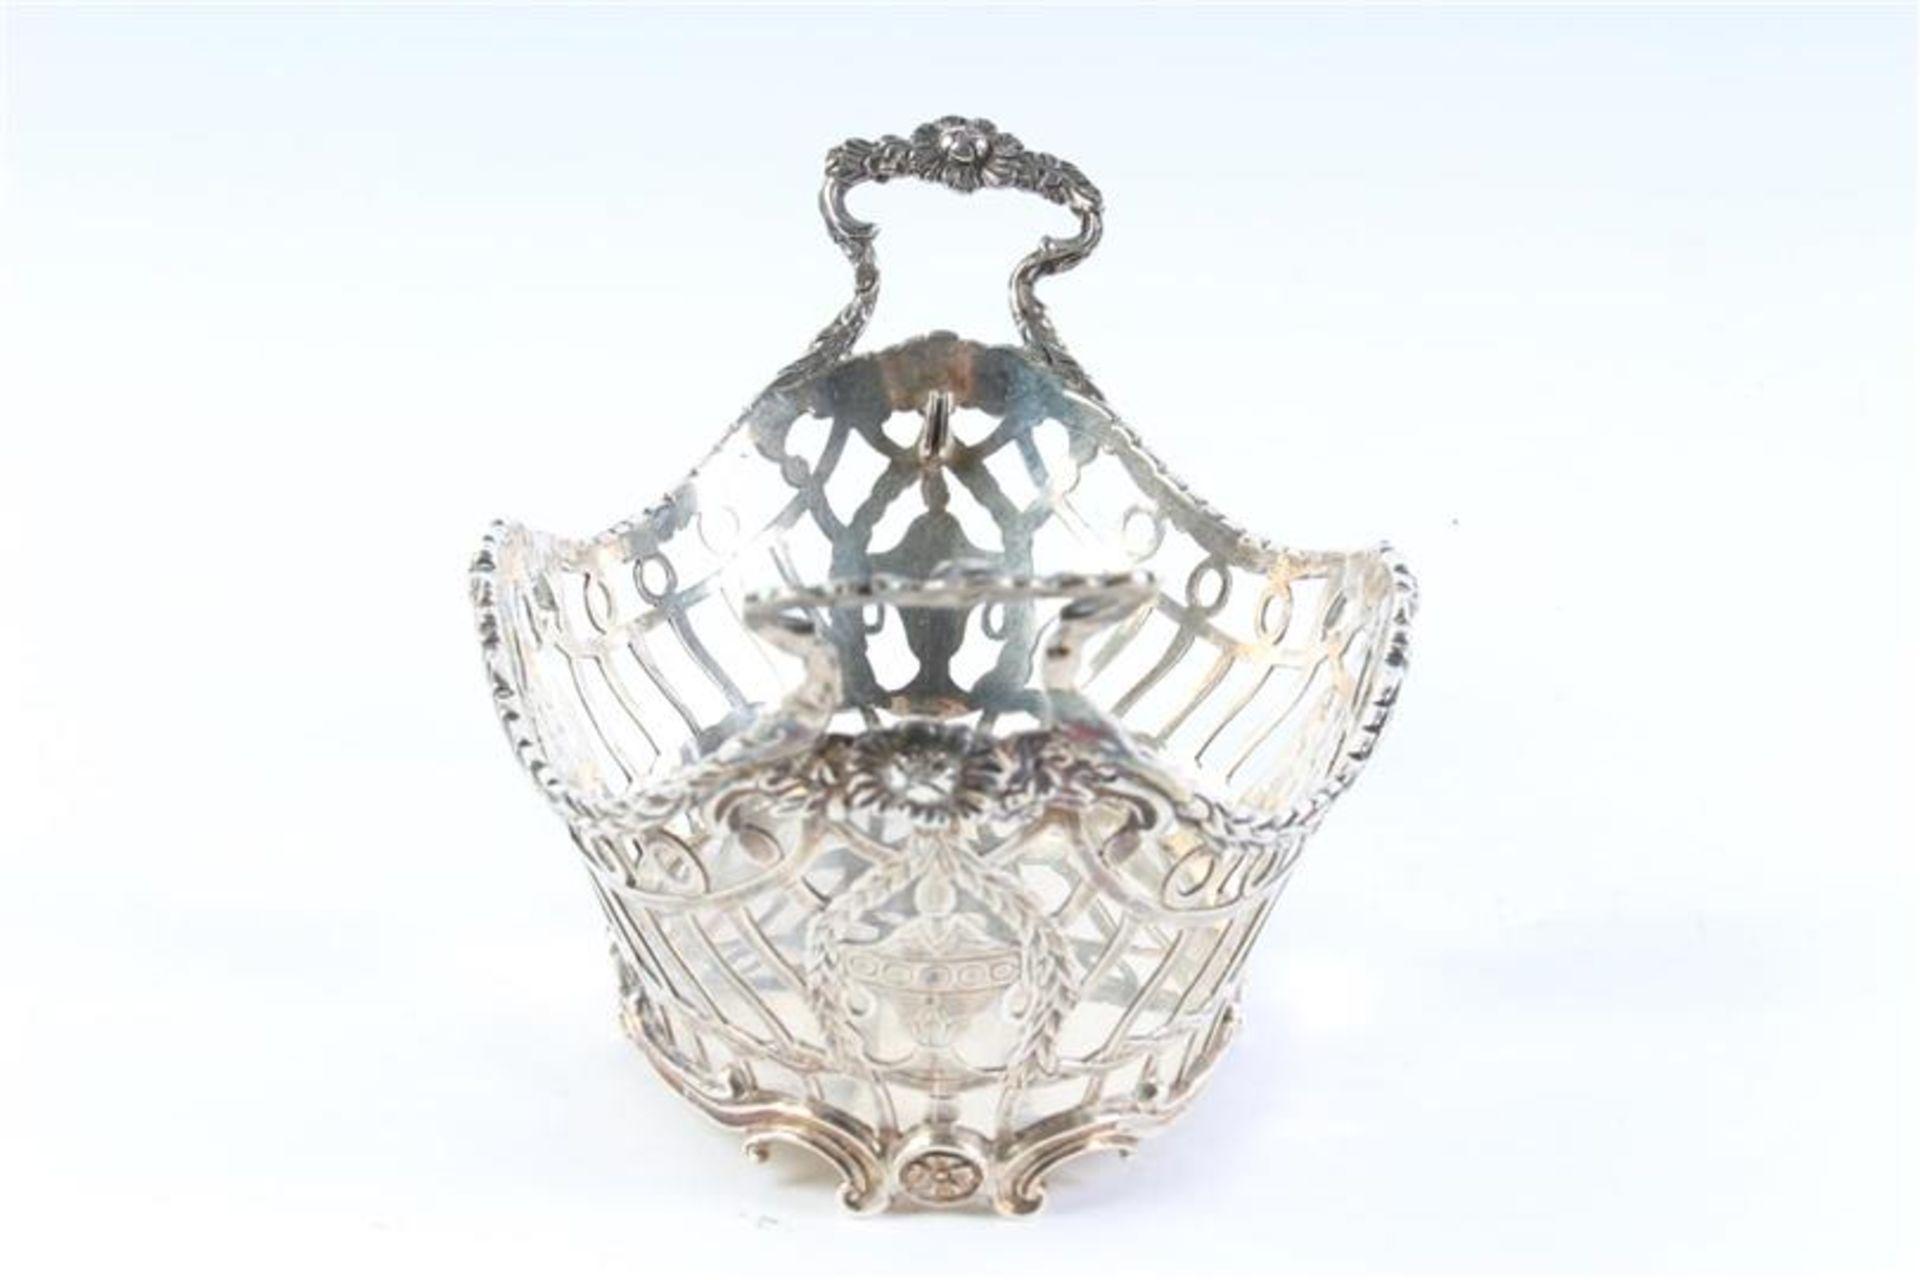 Zilveren mandje, ajour met guirlandes, gaatje in de bodem. HxBxD: 8.5 x 17 x 10 cm. - Bild 4 aus 4